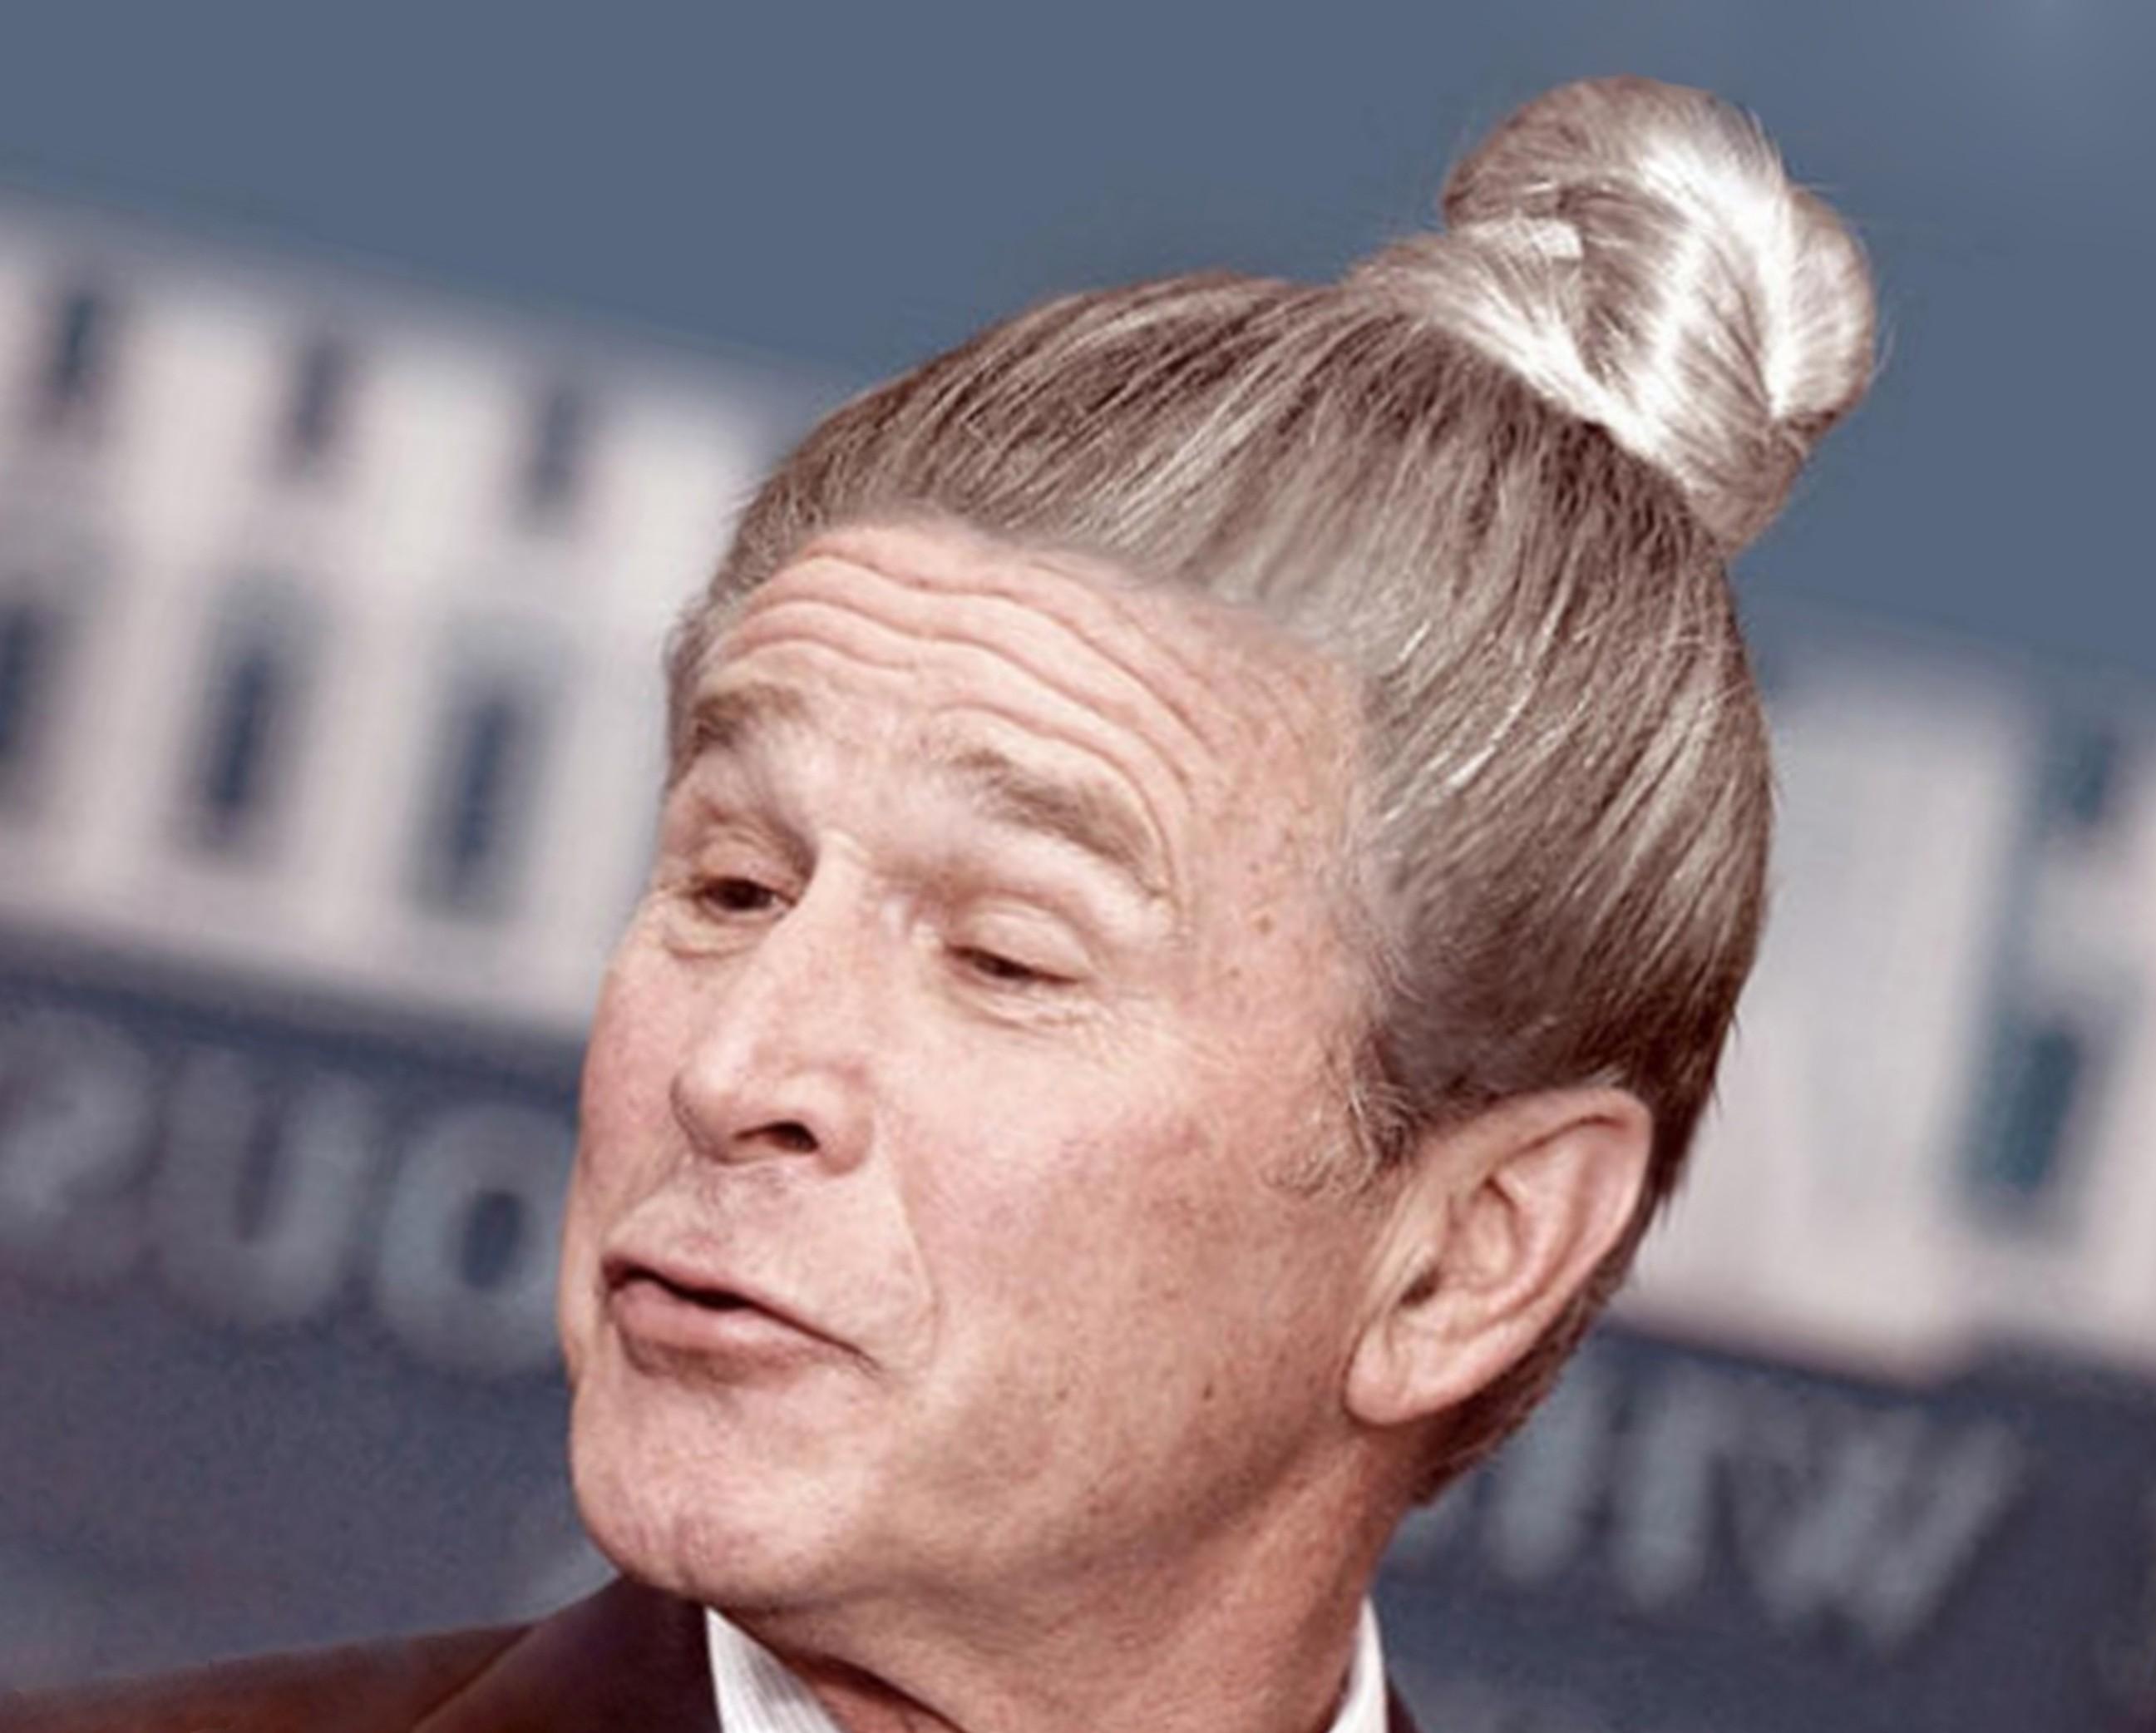 A man with a fun bun style.